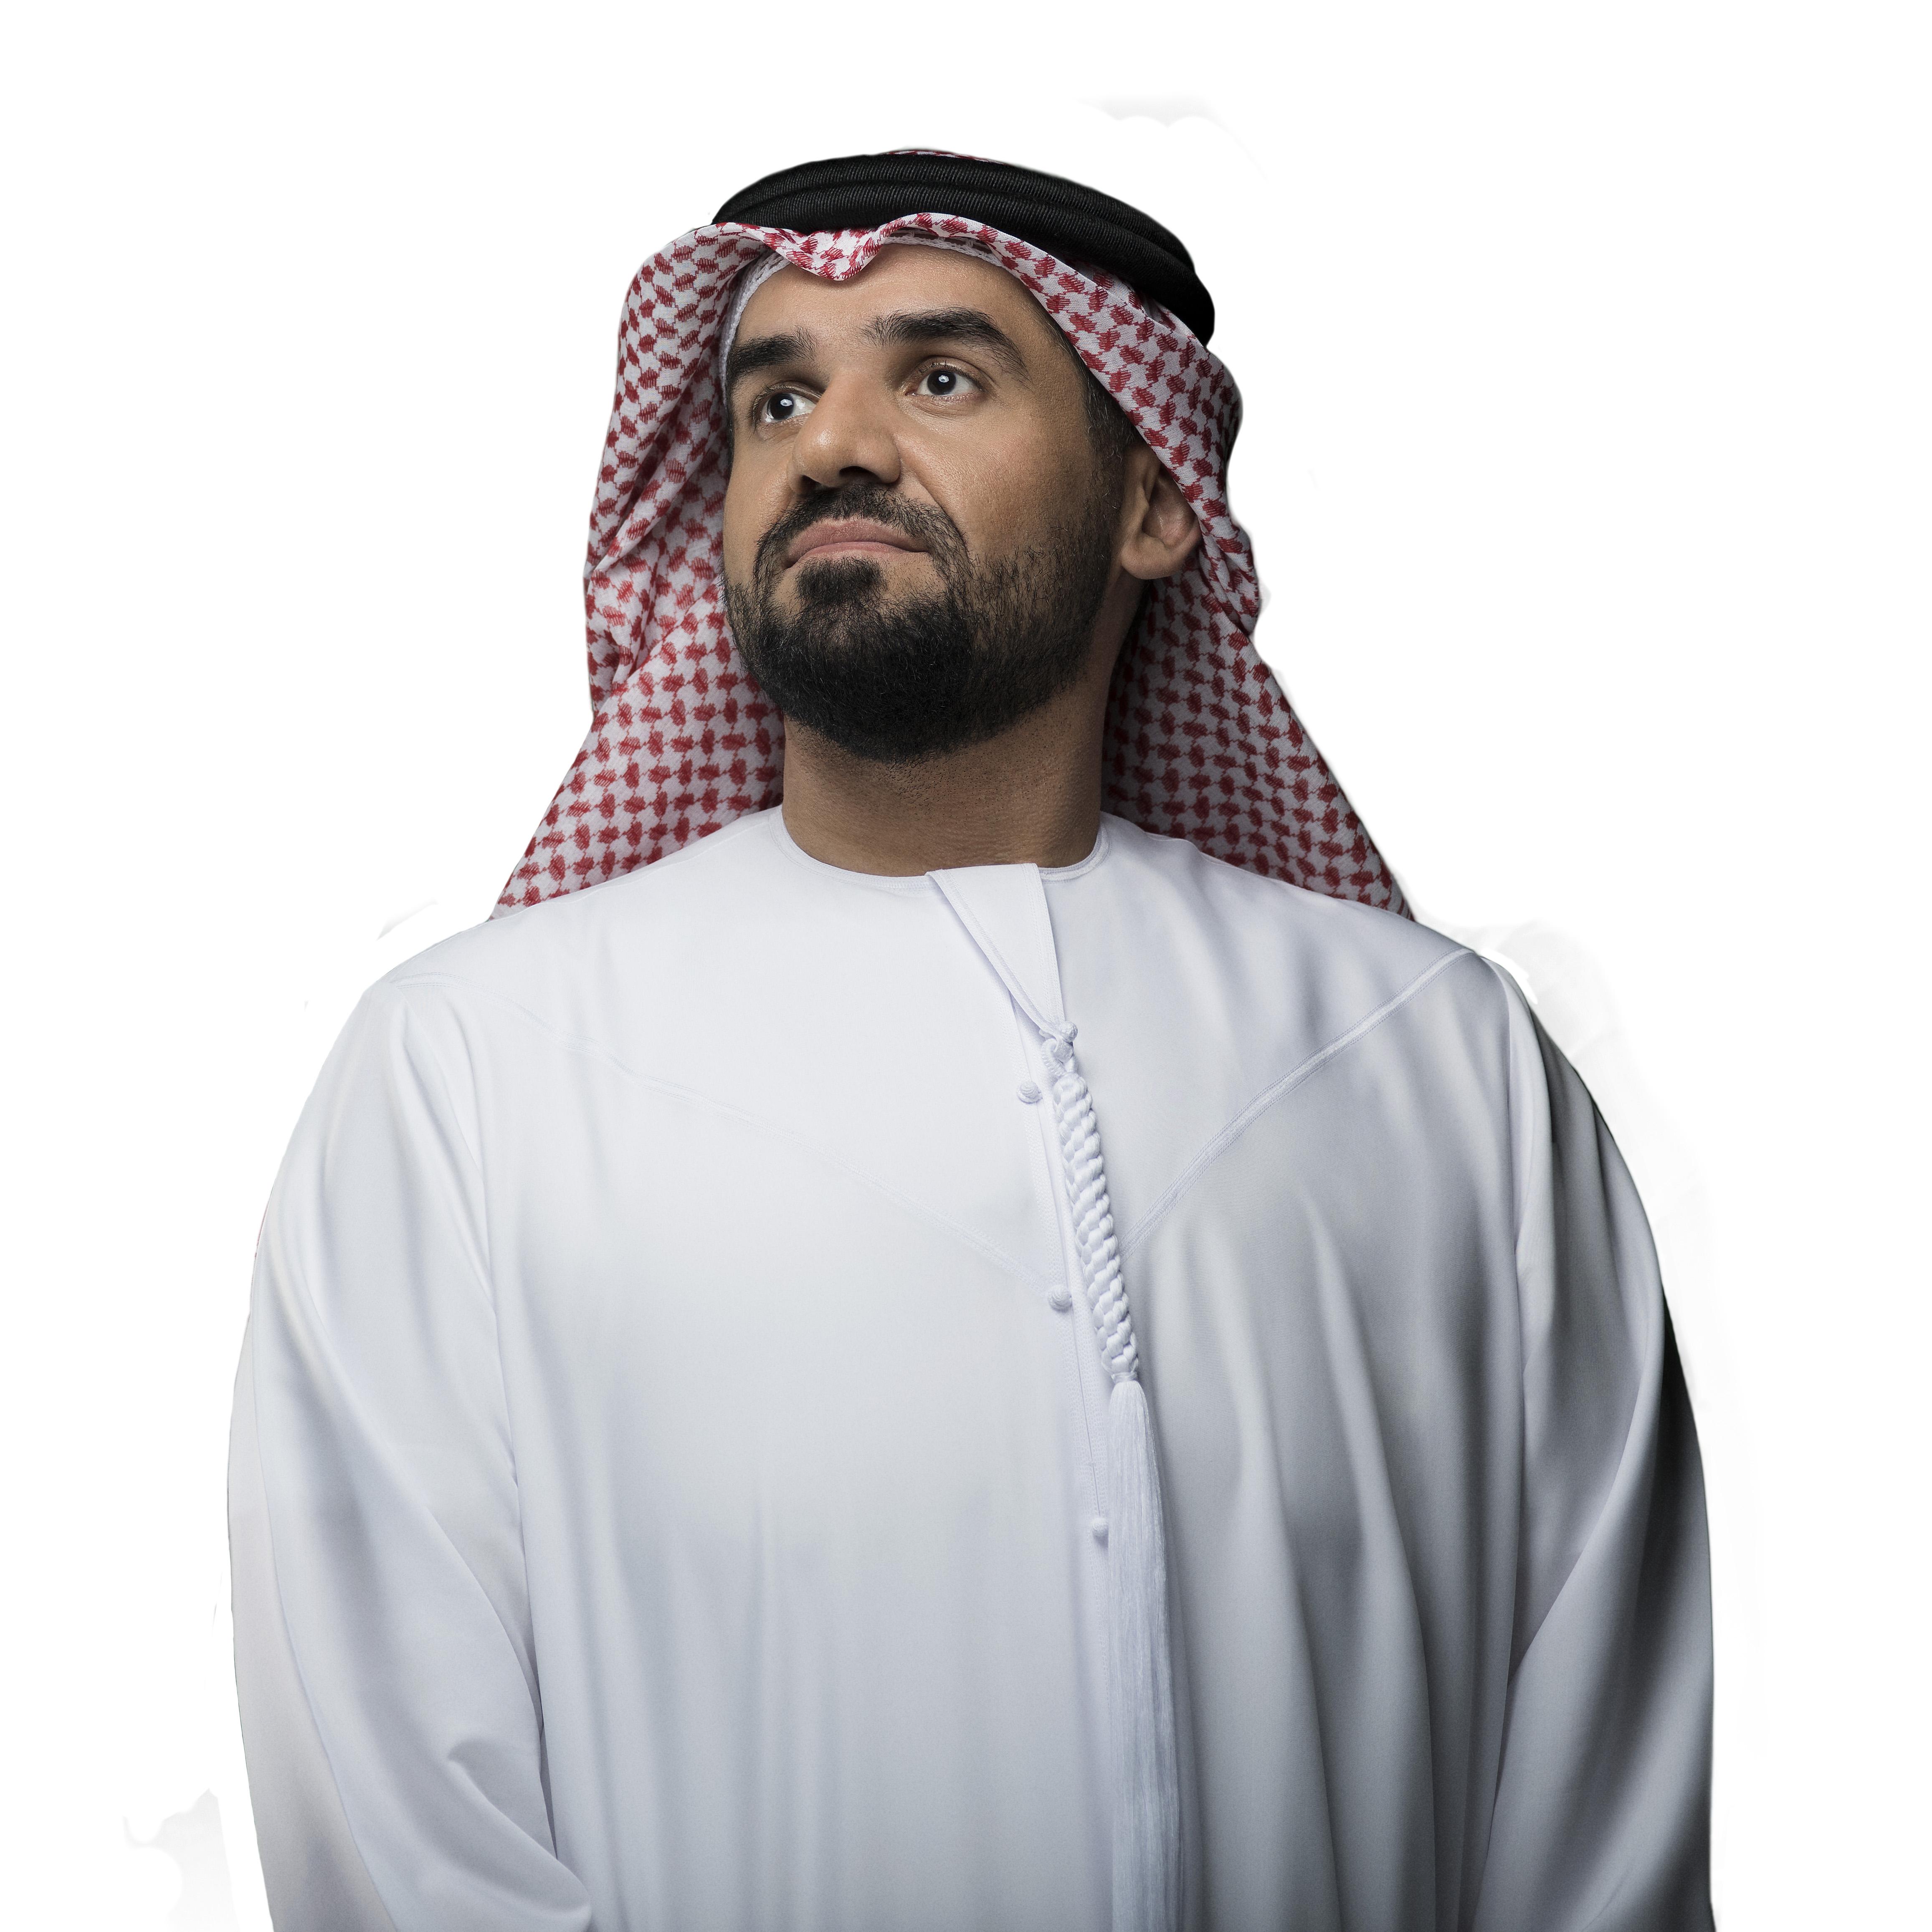 صورة حسين الجسمي يعايد الجمهور السعودي في الرياض